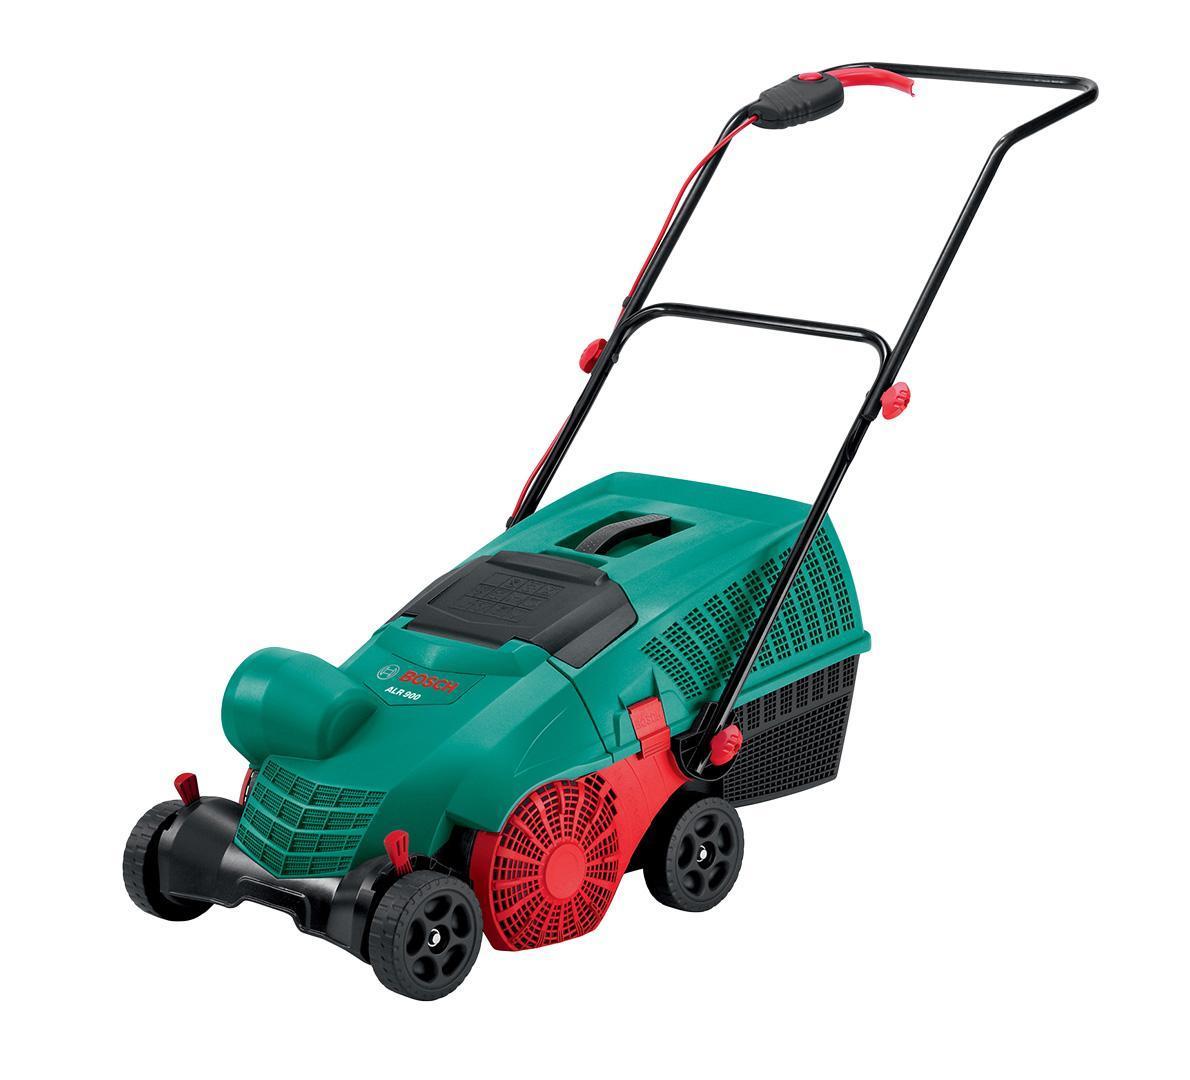 Скарификатор Bosch ALR 900 Raker 060088A000060088A000Скарификатор Bosch ALR 900 Raker служит для разрезания почвы с целью усиления притока воздуха в нее, а также очищения от листвы и мха.